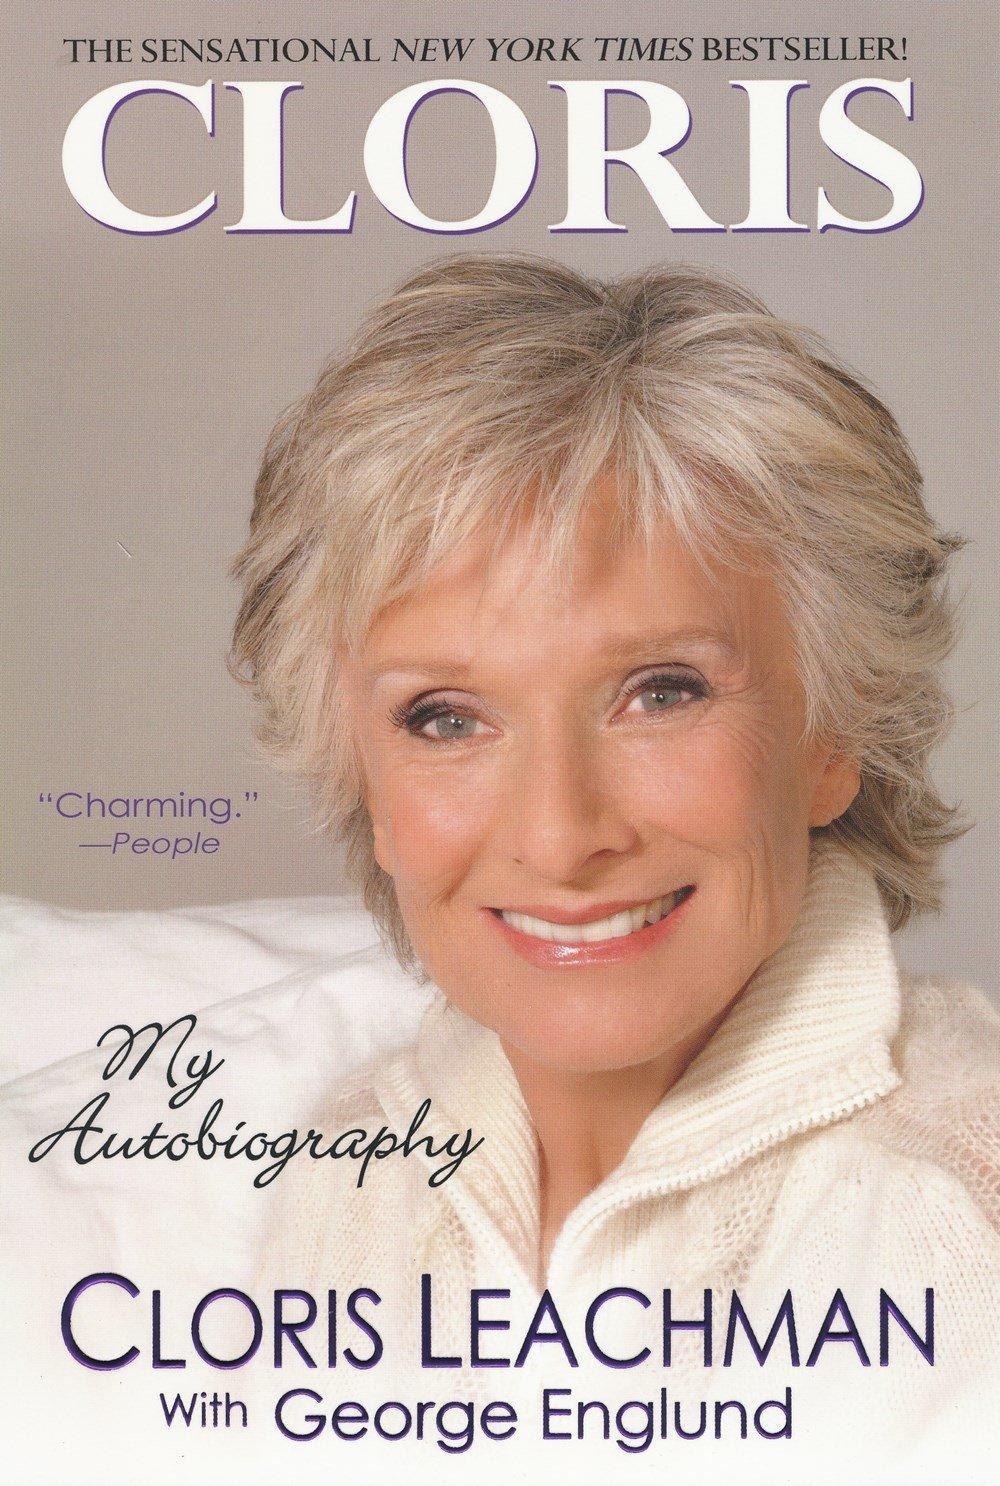 Couverture du livre autobiographique de Cloris Leachman.